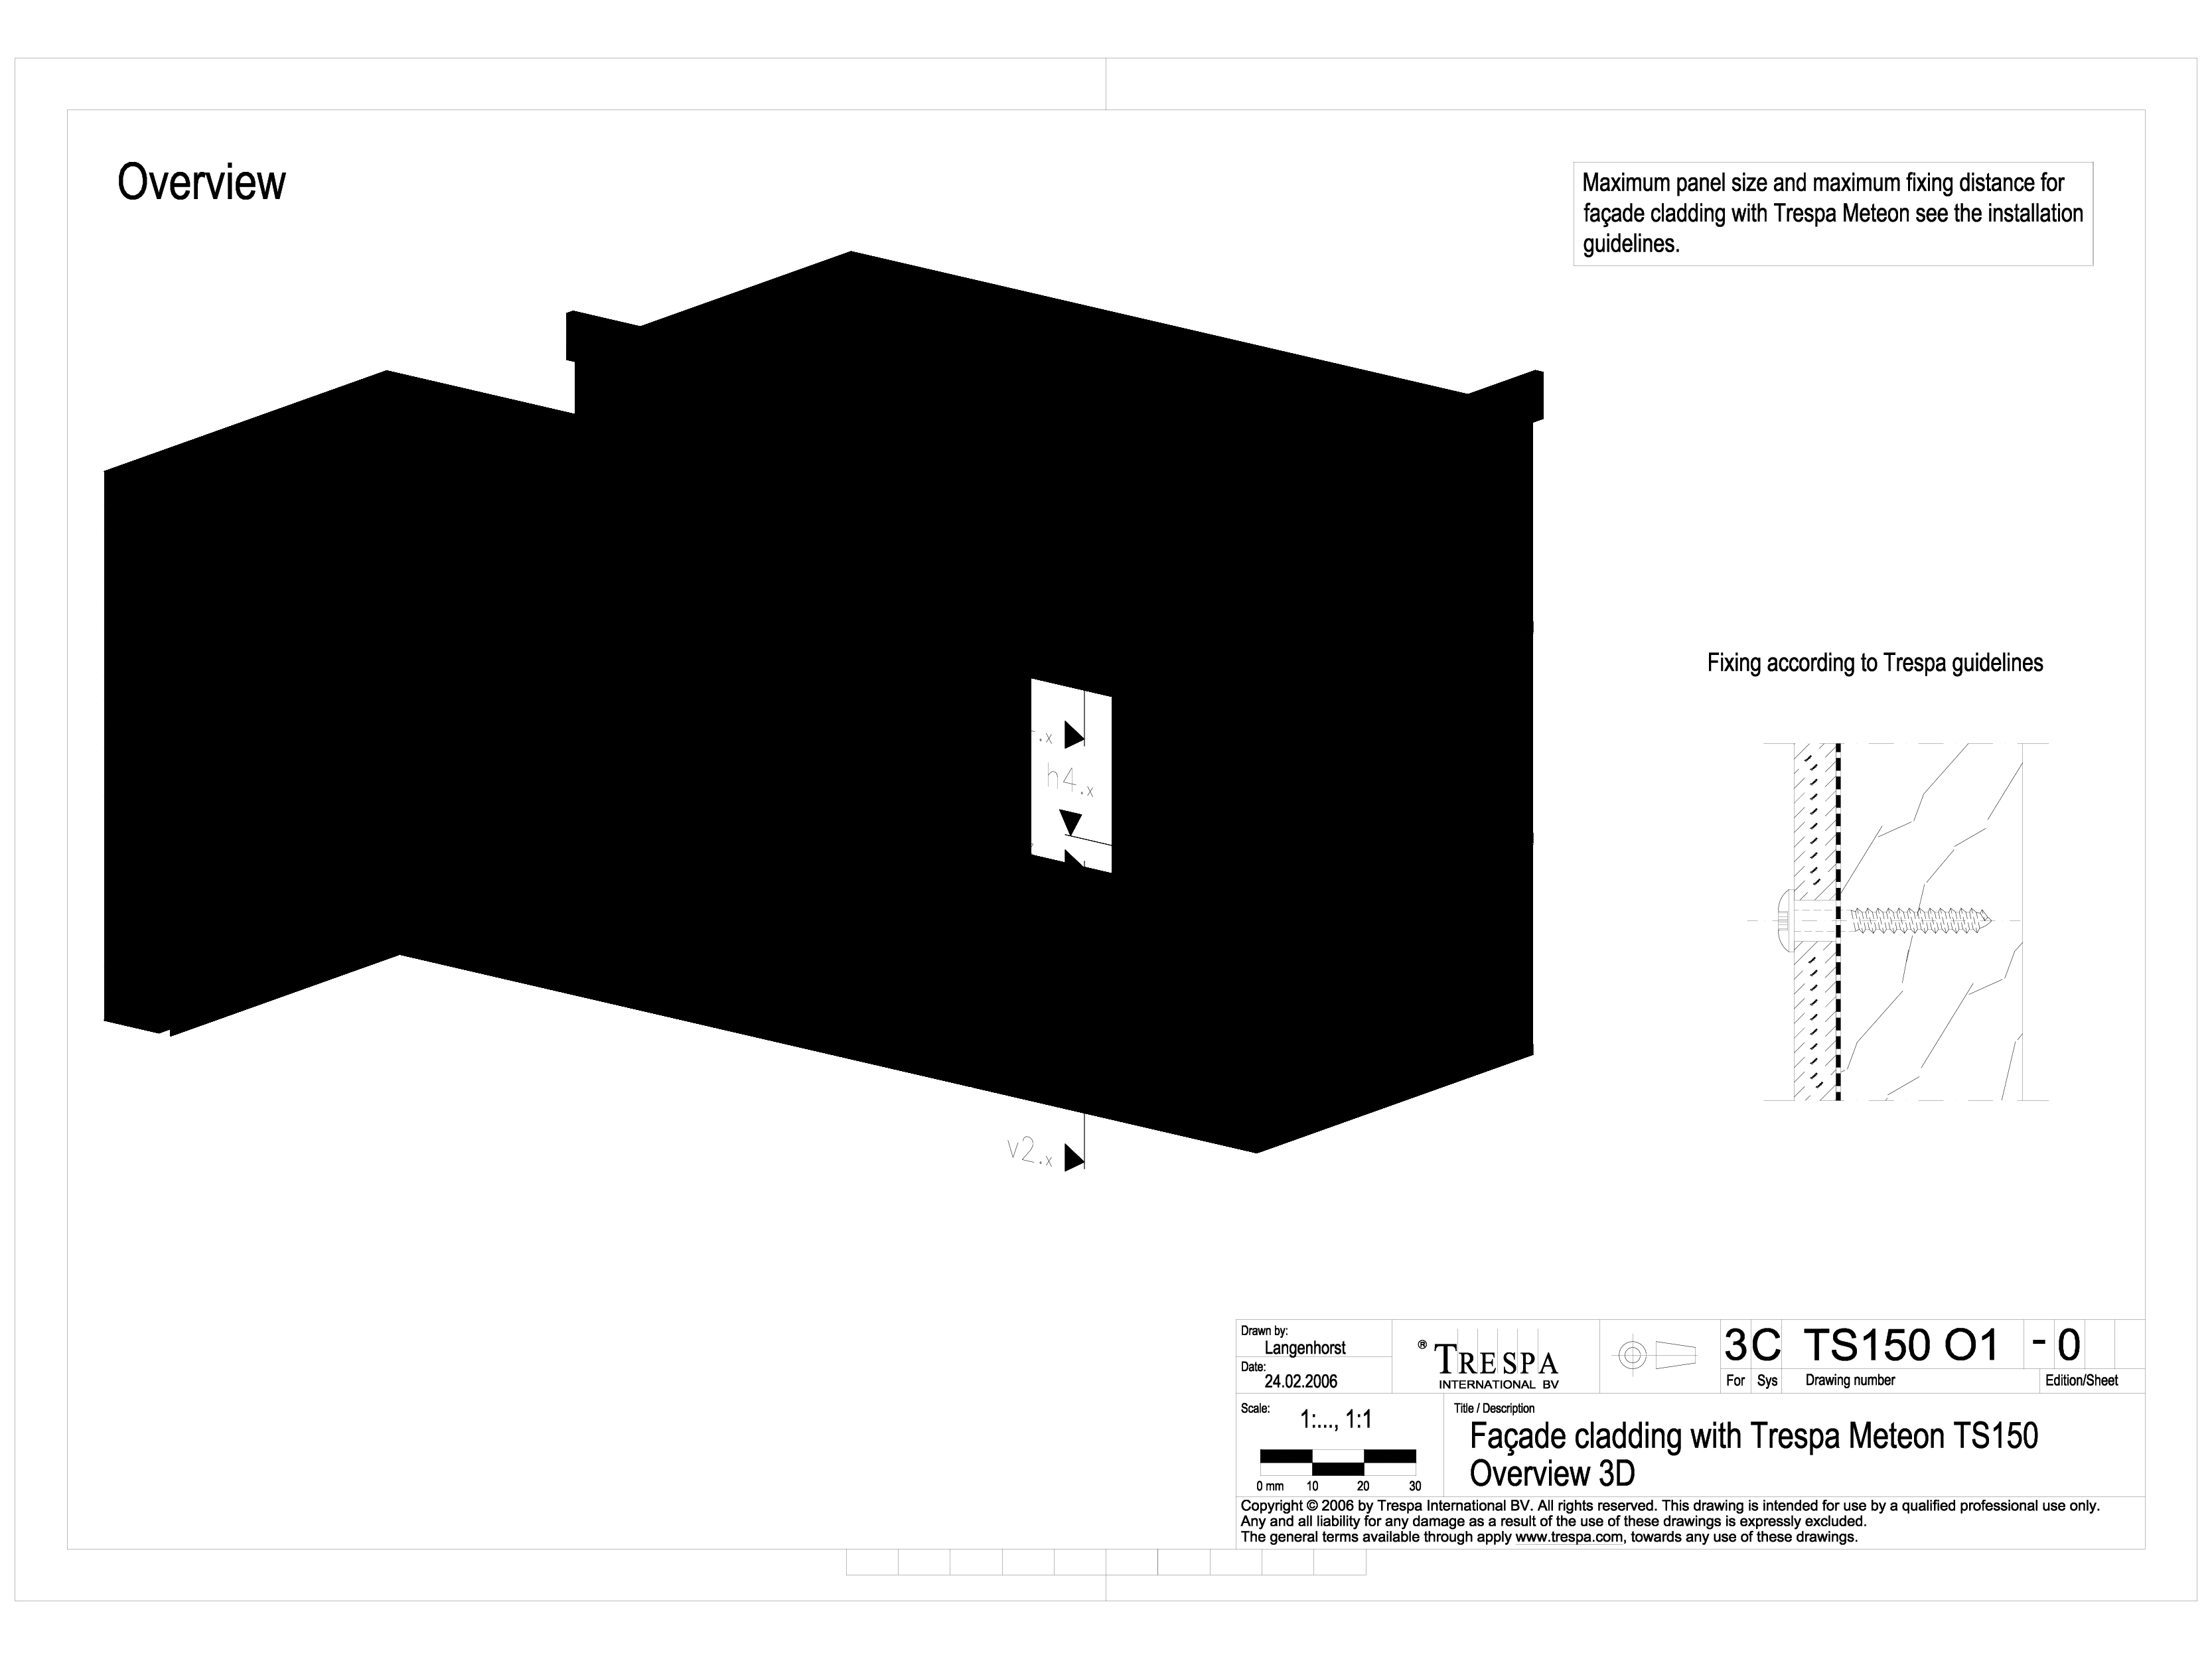 Sisteme de prindere fatade ventilate invizibile cu suruburi si cadru din lemn, detaliu 3D METEON TRESPA Placi HPL pentru fatade ventilate GIBB TECHNOLOGIES  - Pagina 1